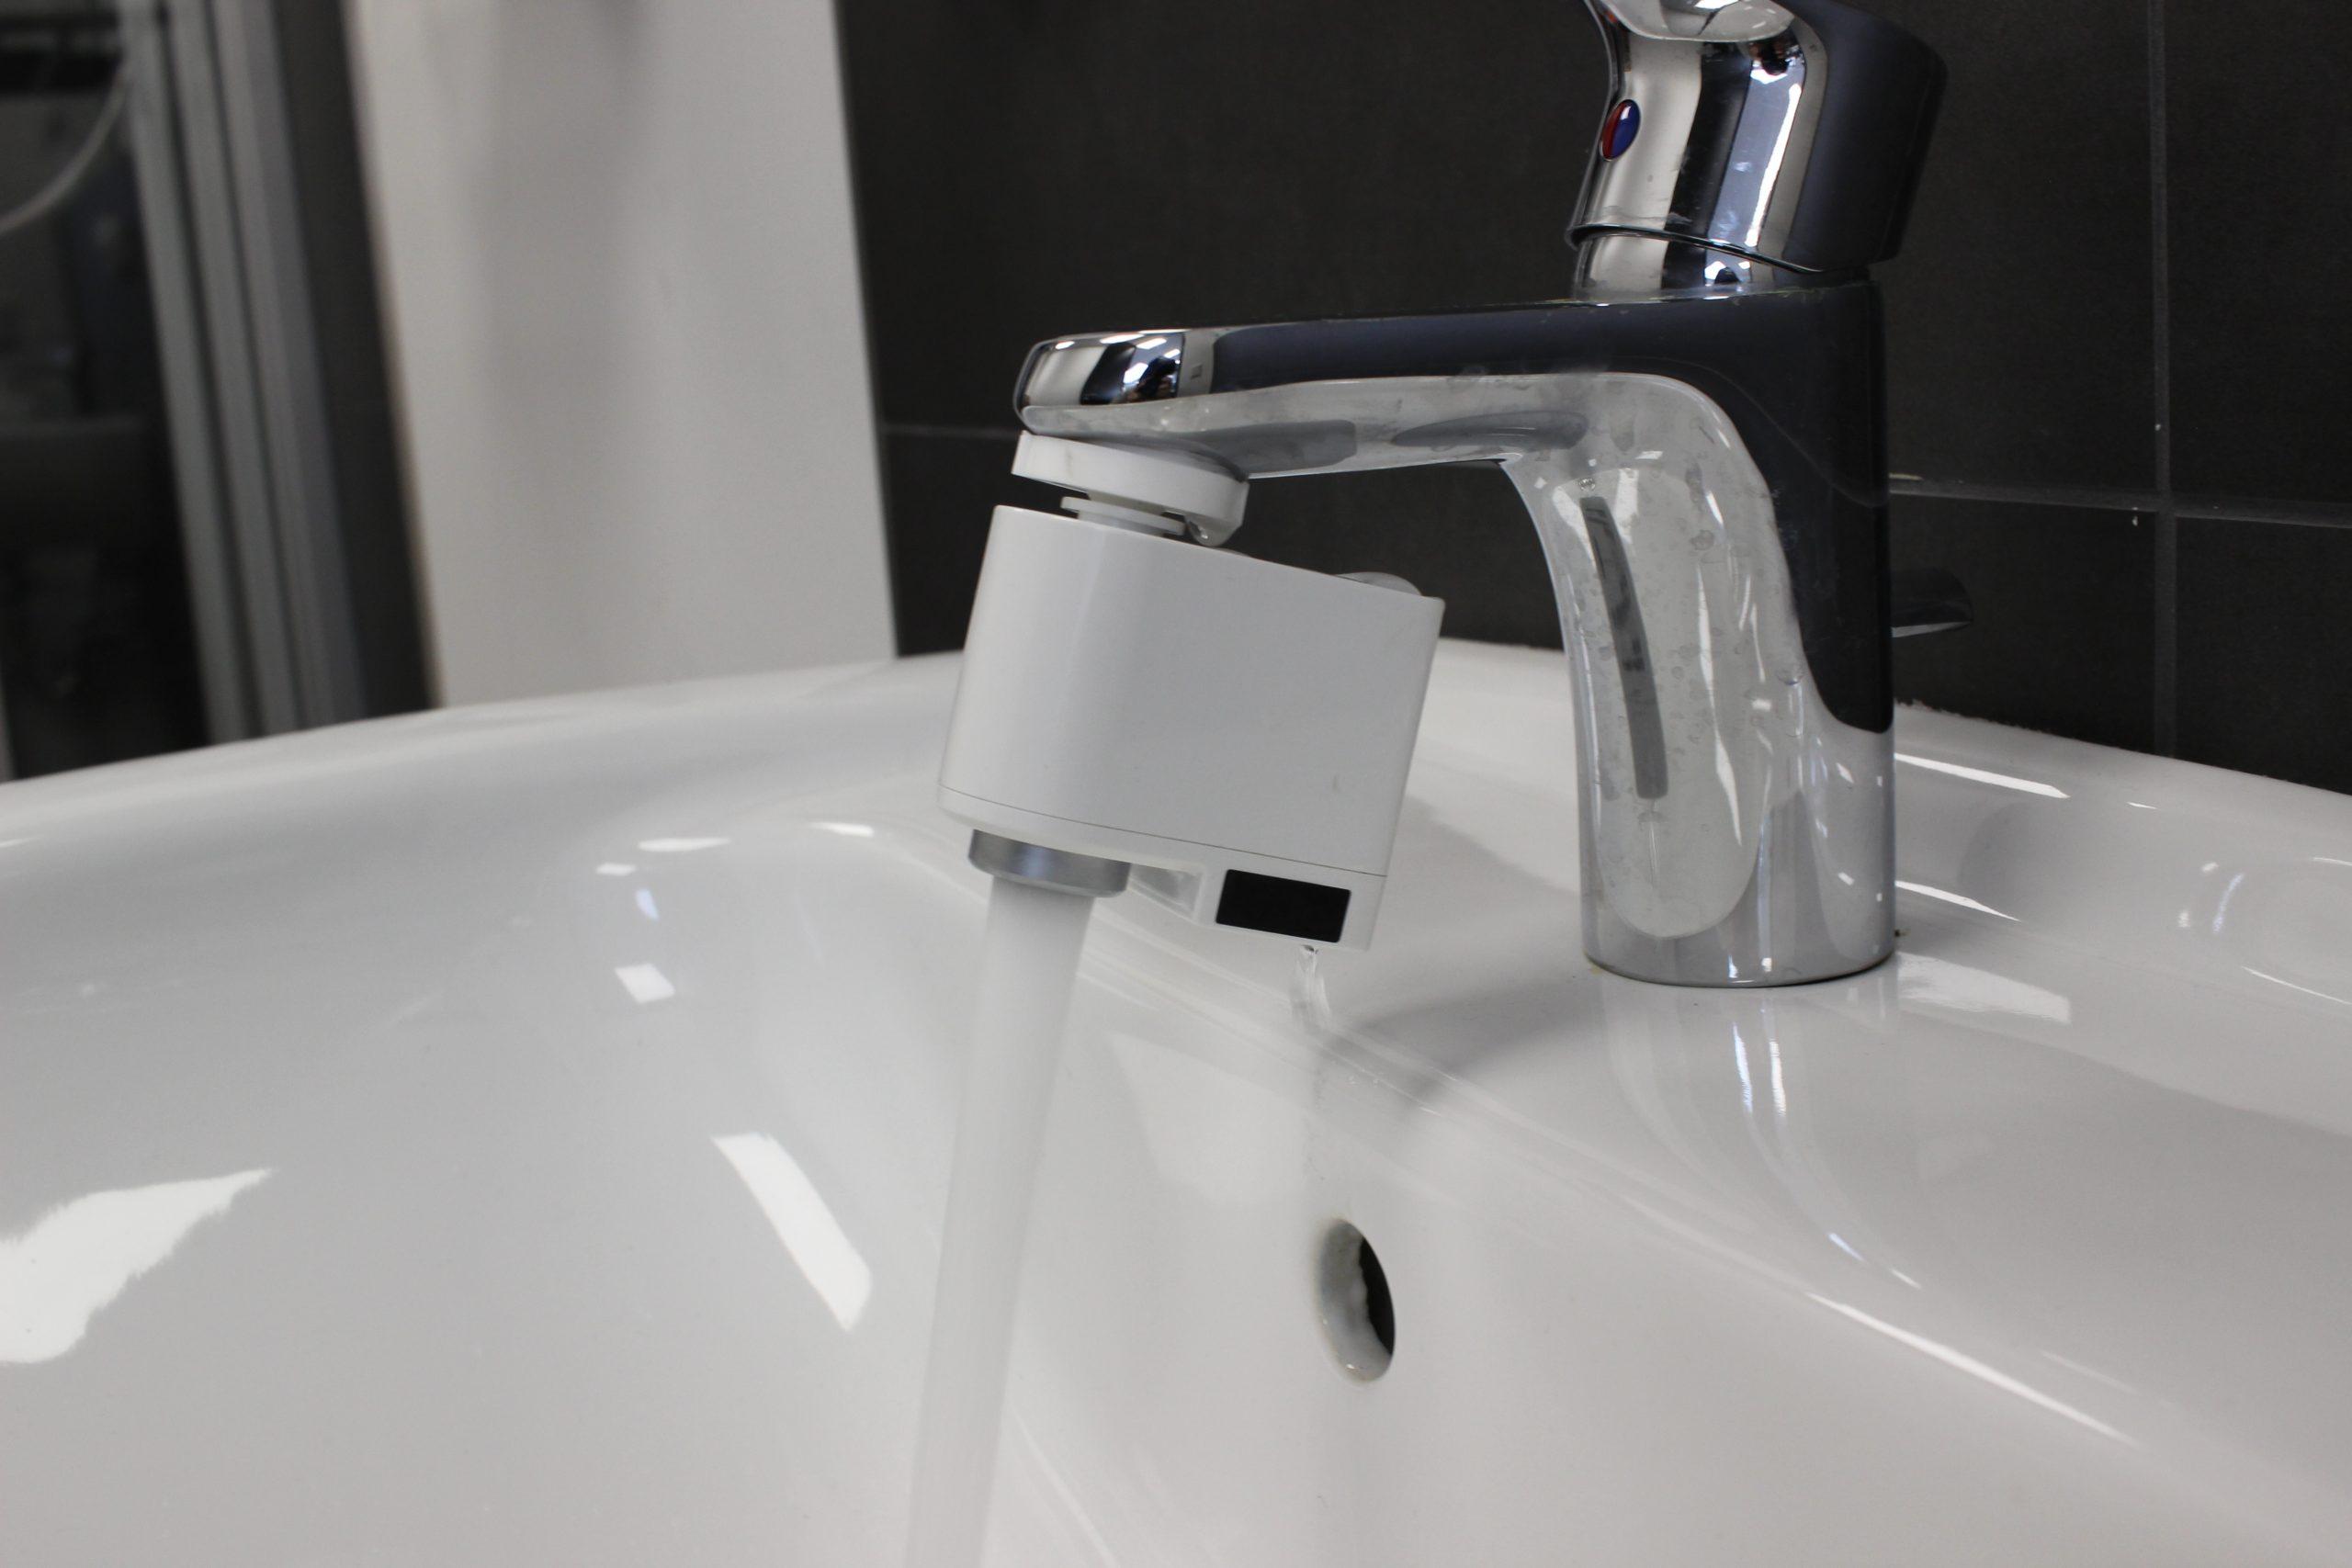 Full Size of Küche Wasserhahn Befestigen Toom Küche Wasserhahn Küche Wasserhahn Reparieren Küche Wasserhahn Sprudel Küche Küche Wasserhahn